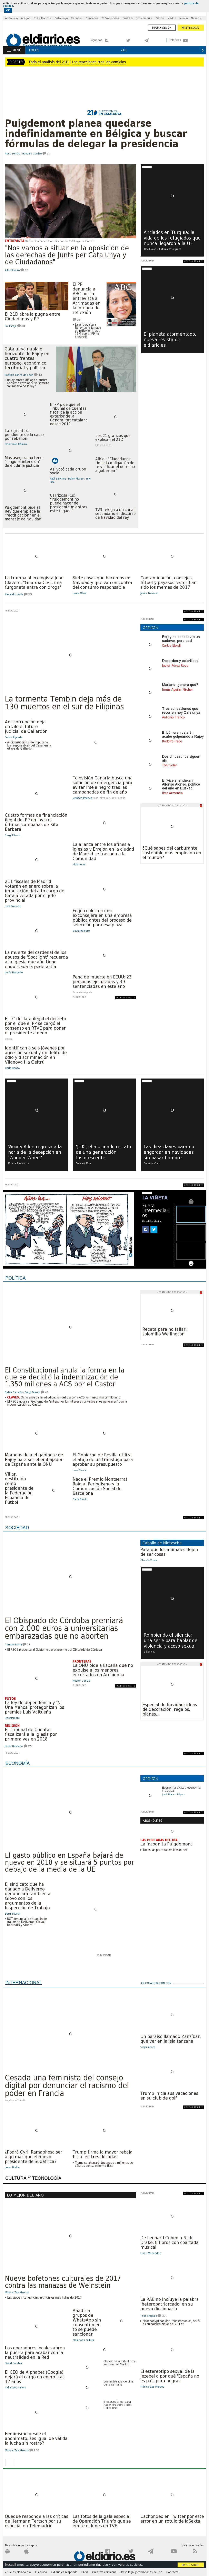 El Diario at Saturday Dec. 23, 2017, 7:04 p.m. UTC